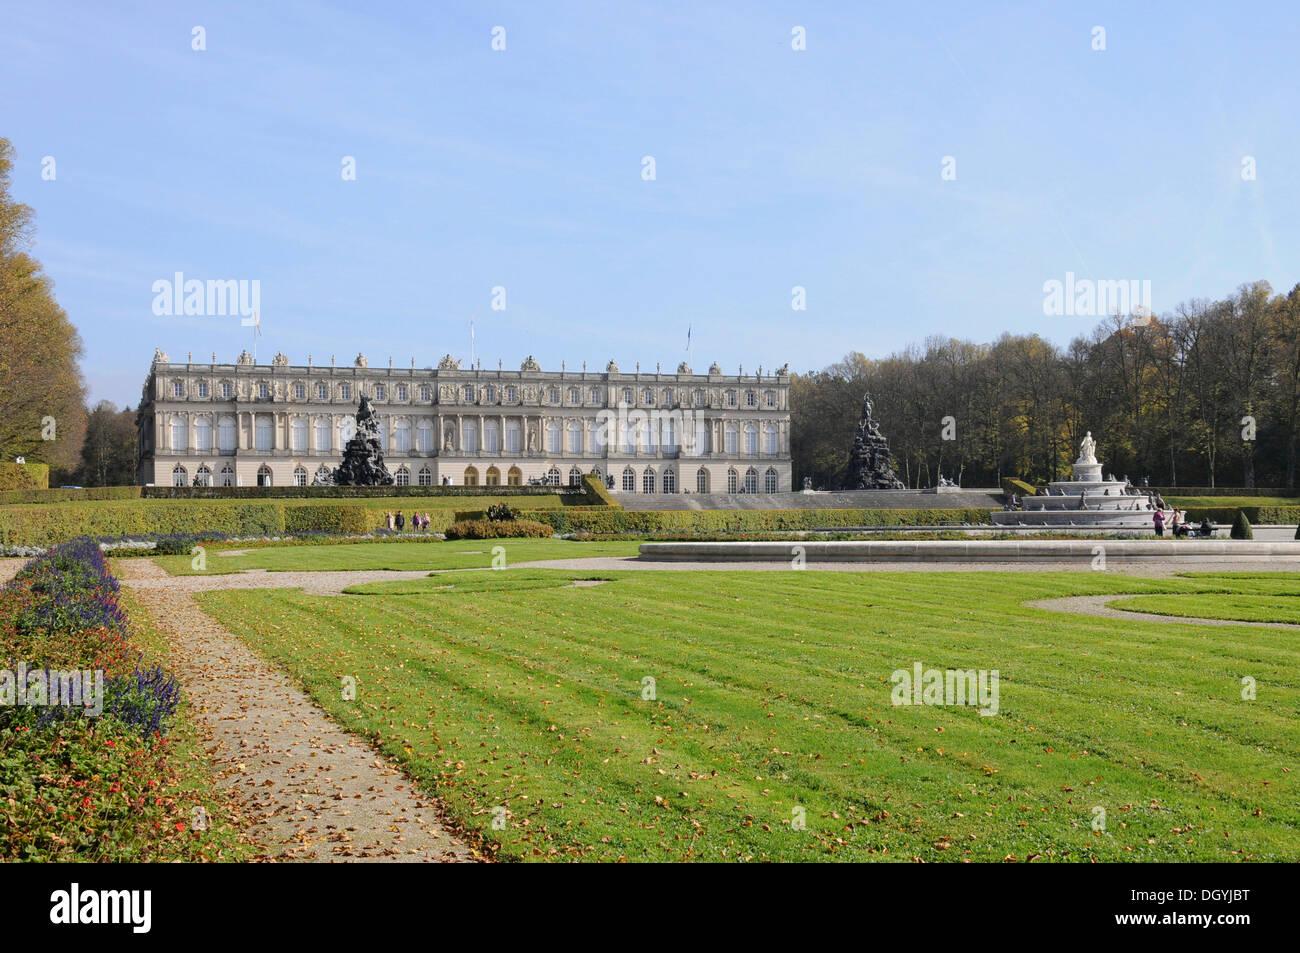 Palace grounds, palace, Herrenchiemsee, Herreninsel, Bavaria - Stock Image